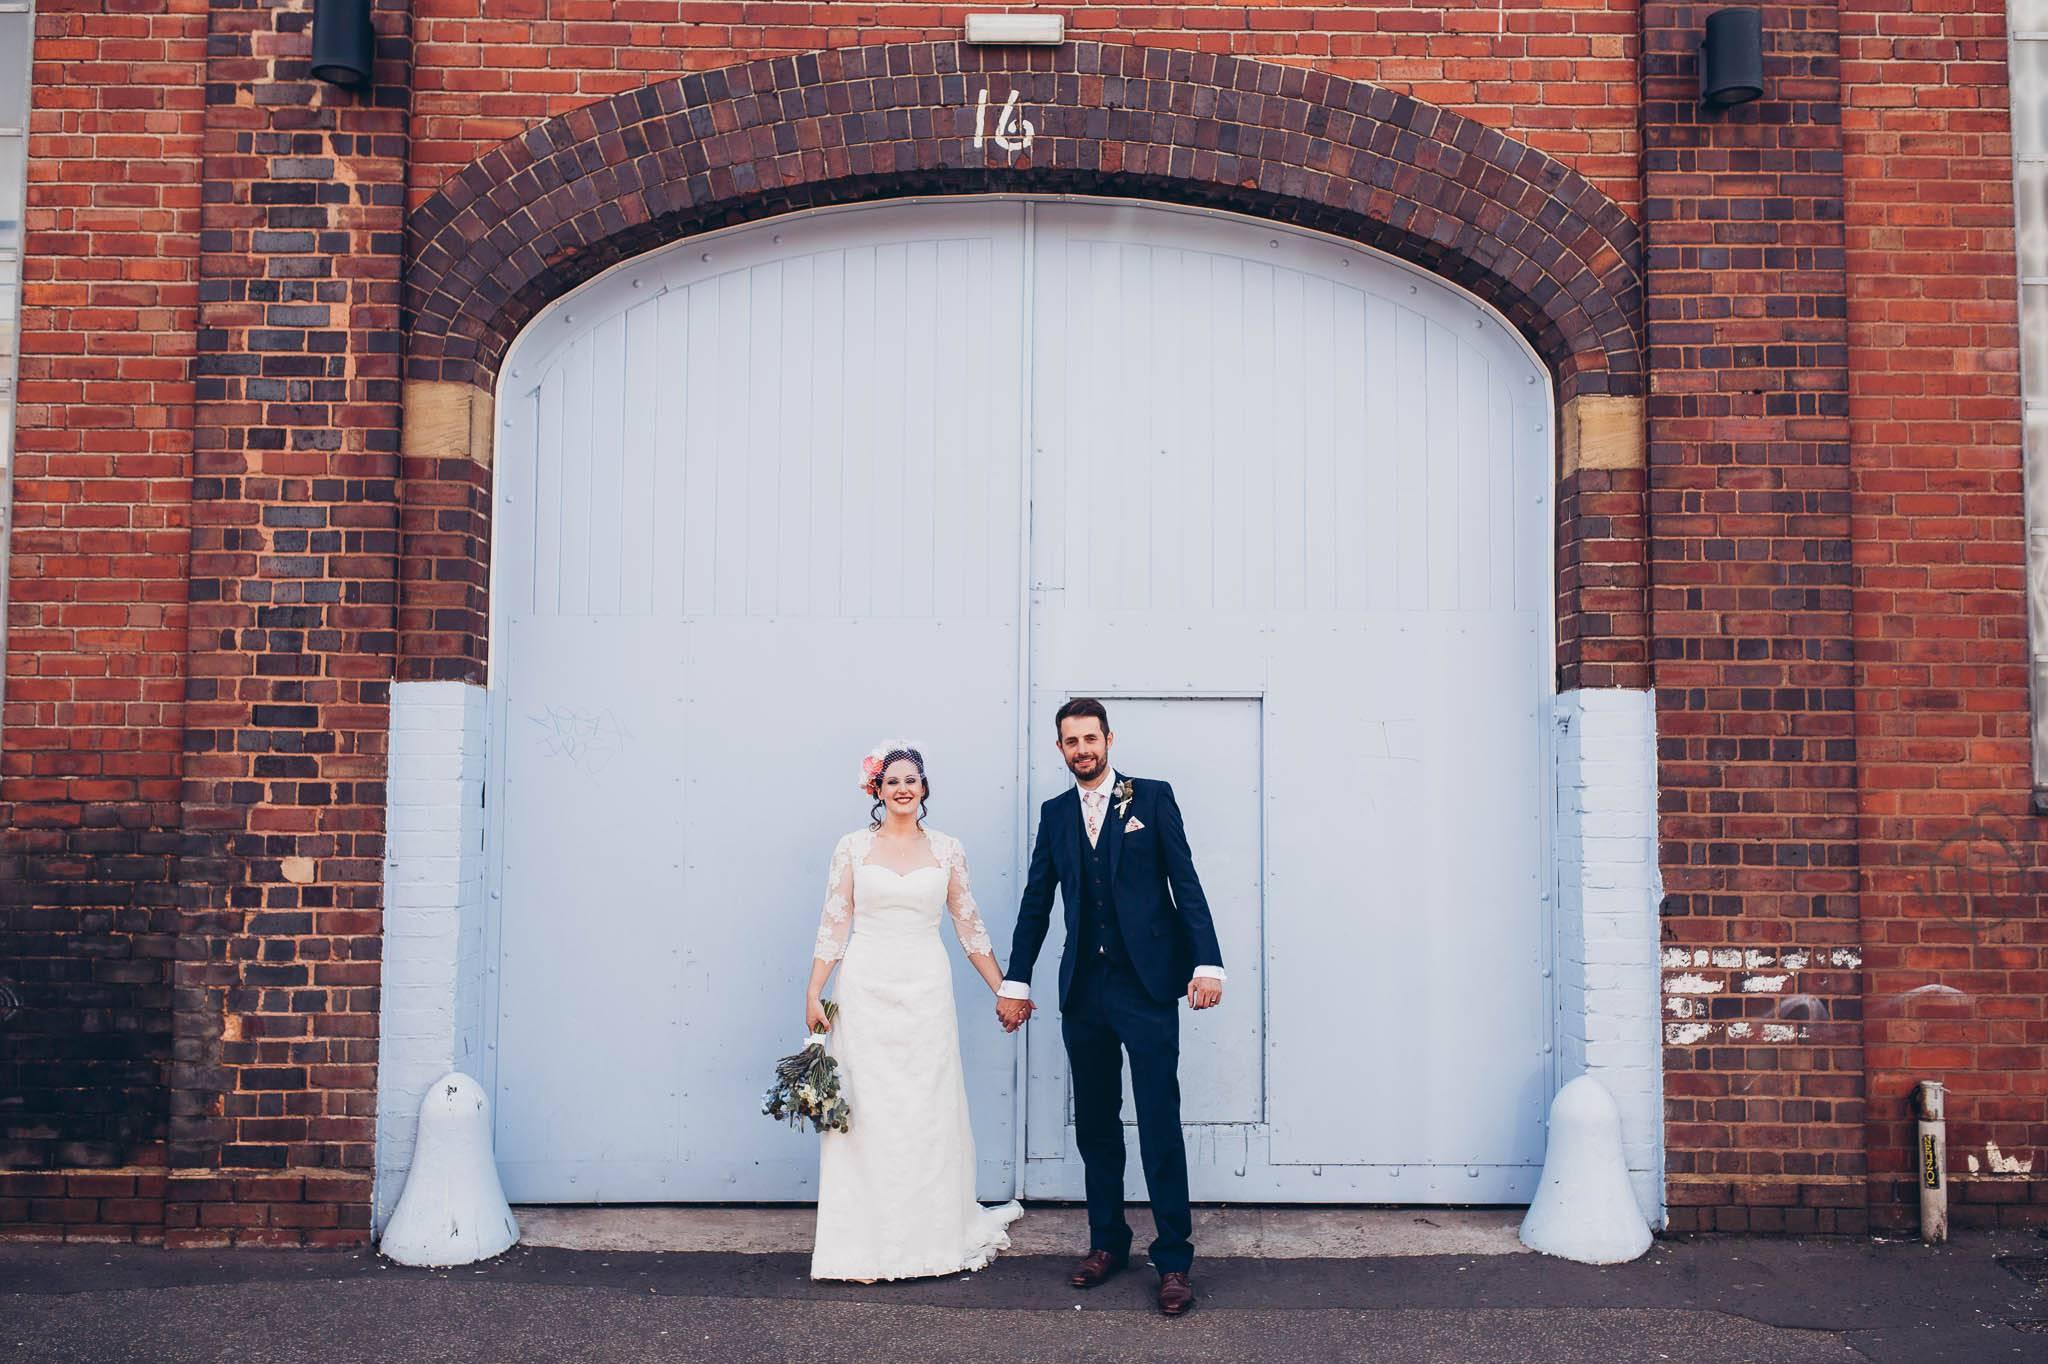 birmingham-wedding-photographer 15.jpg